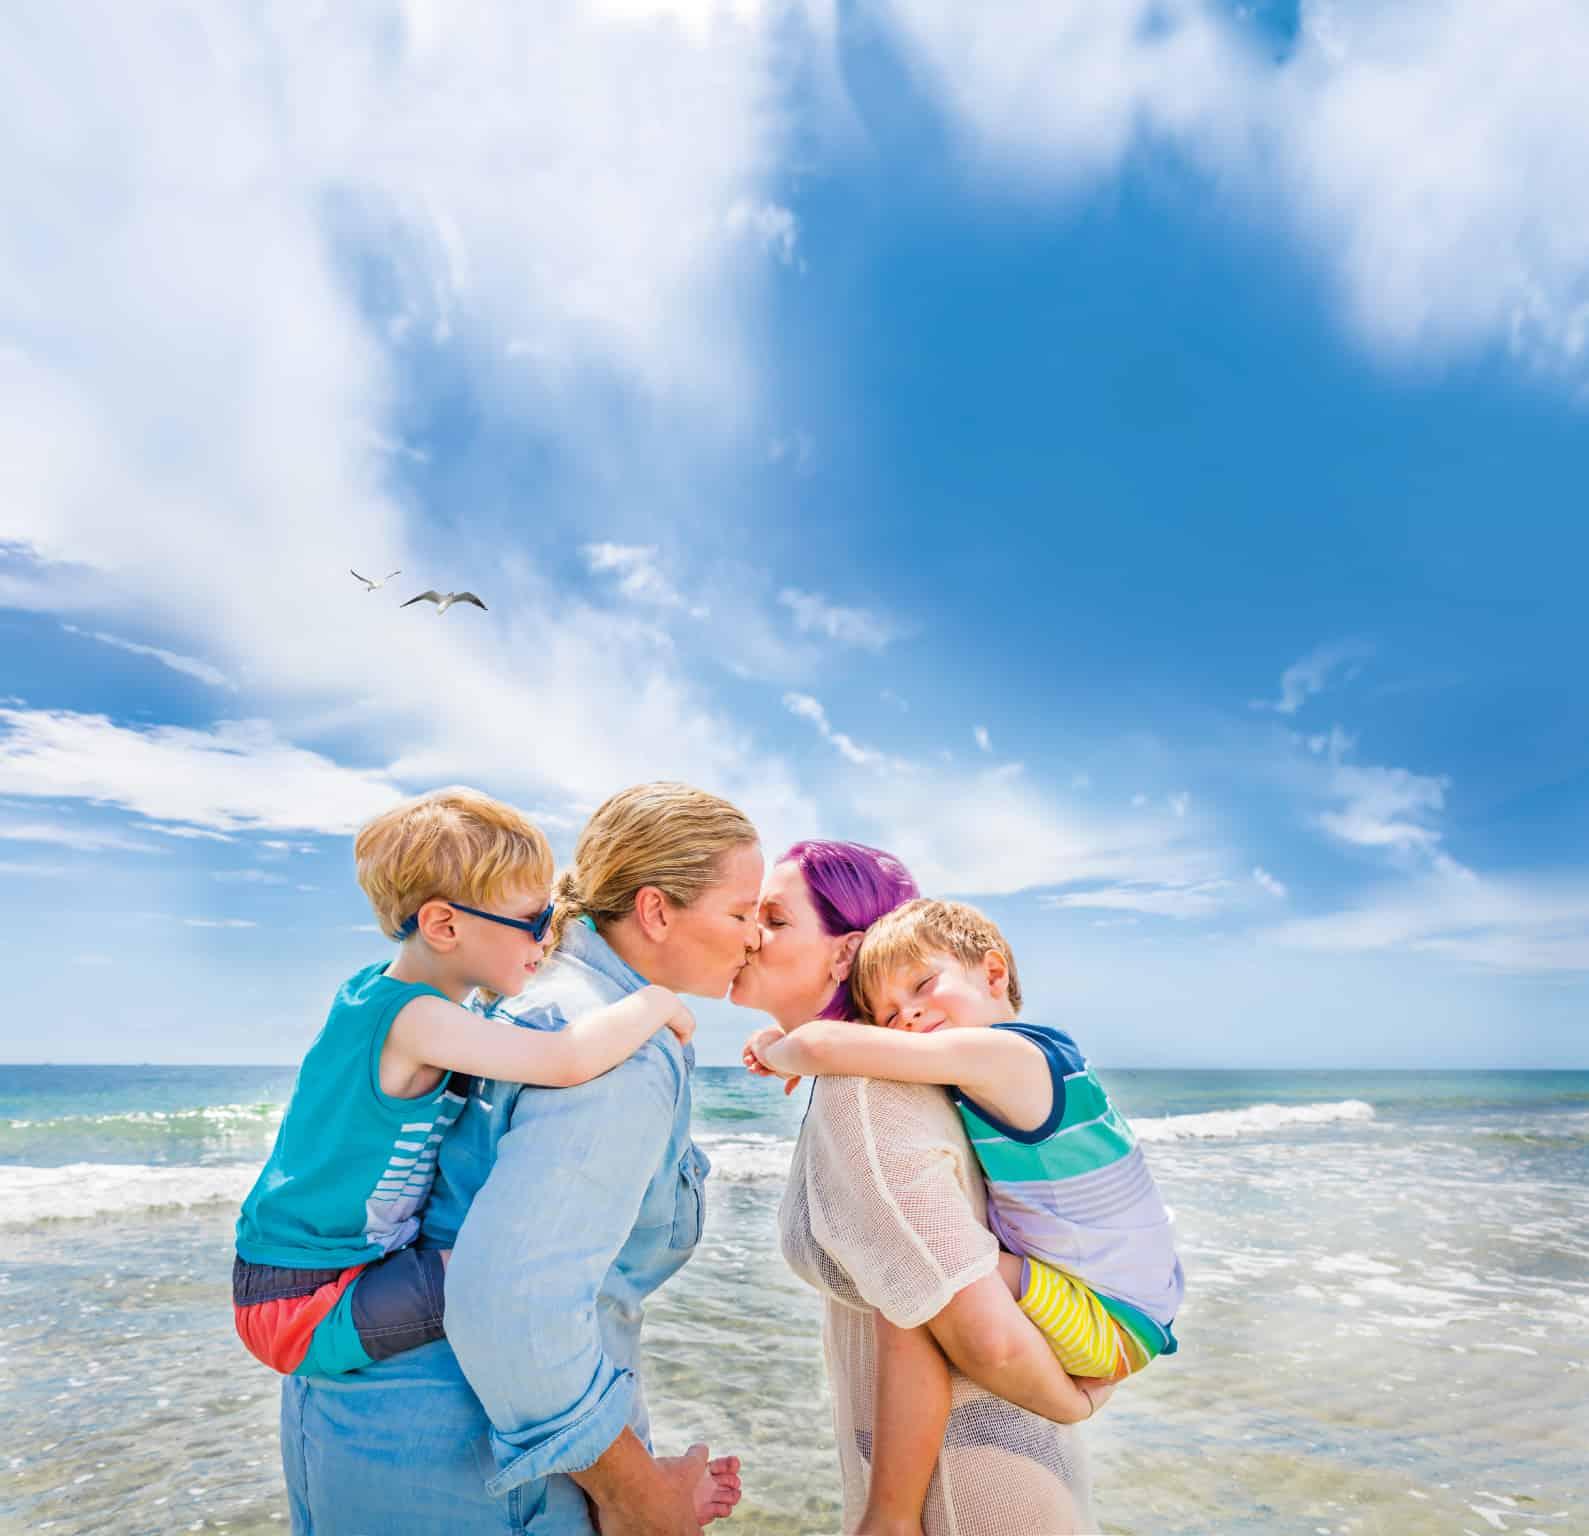 Coppia lesbica e bambini a Fort Lauderdale